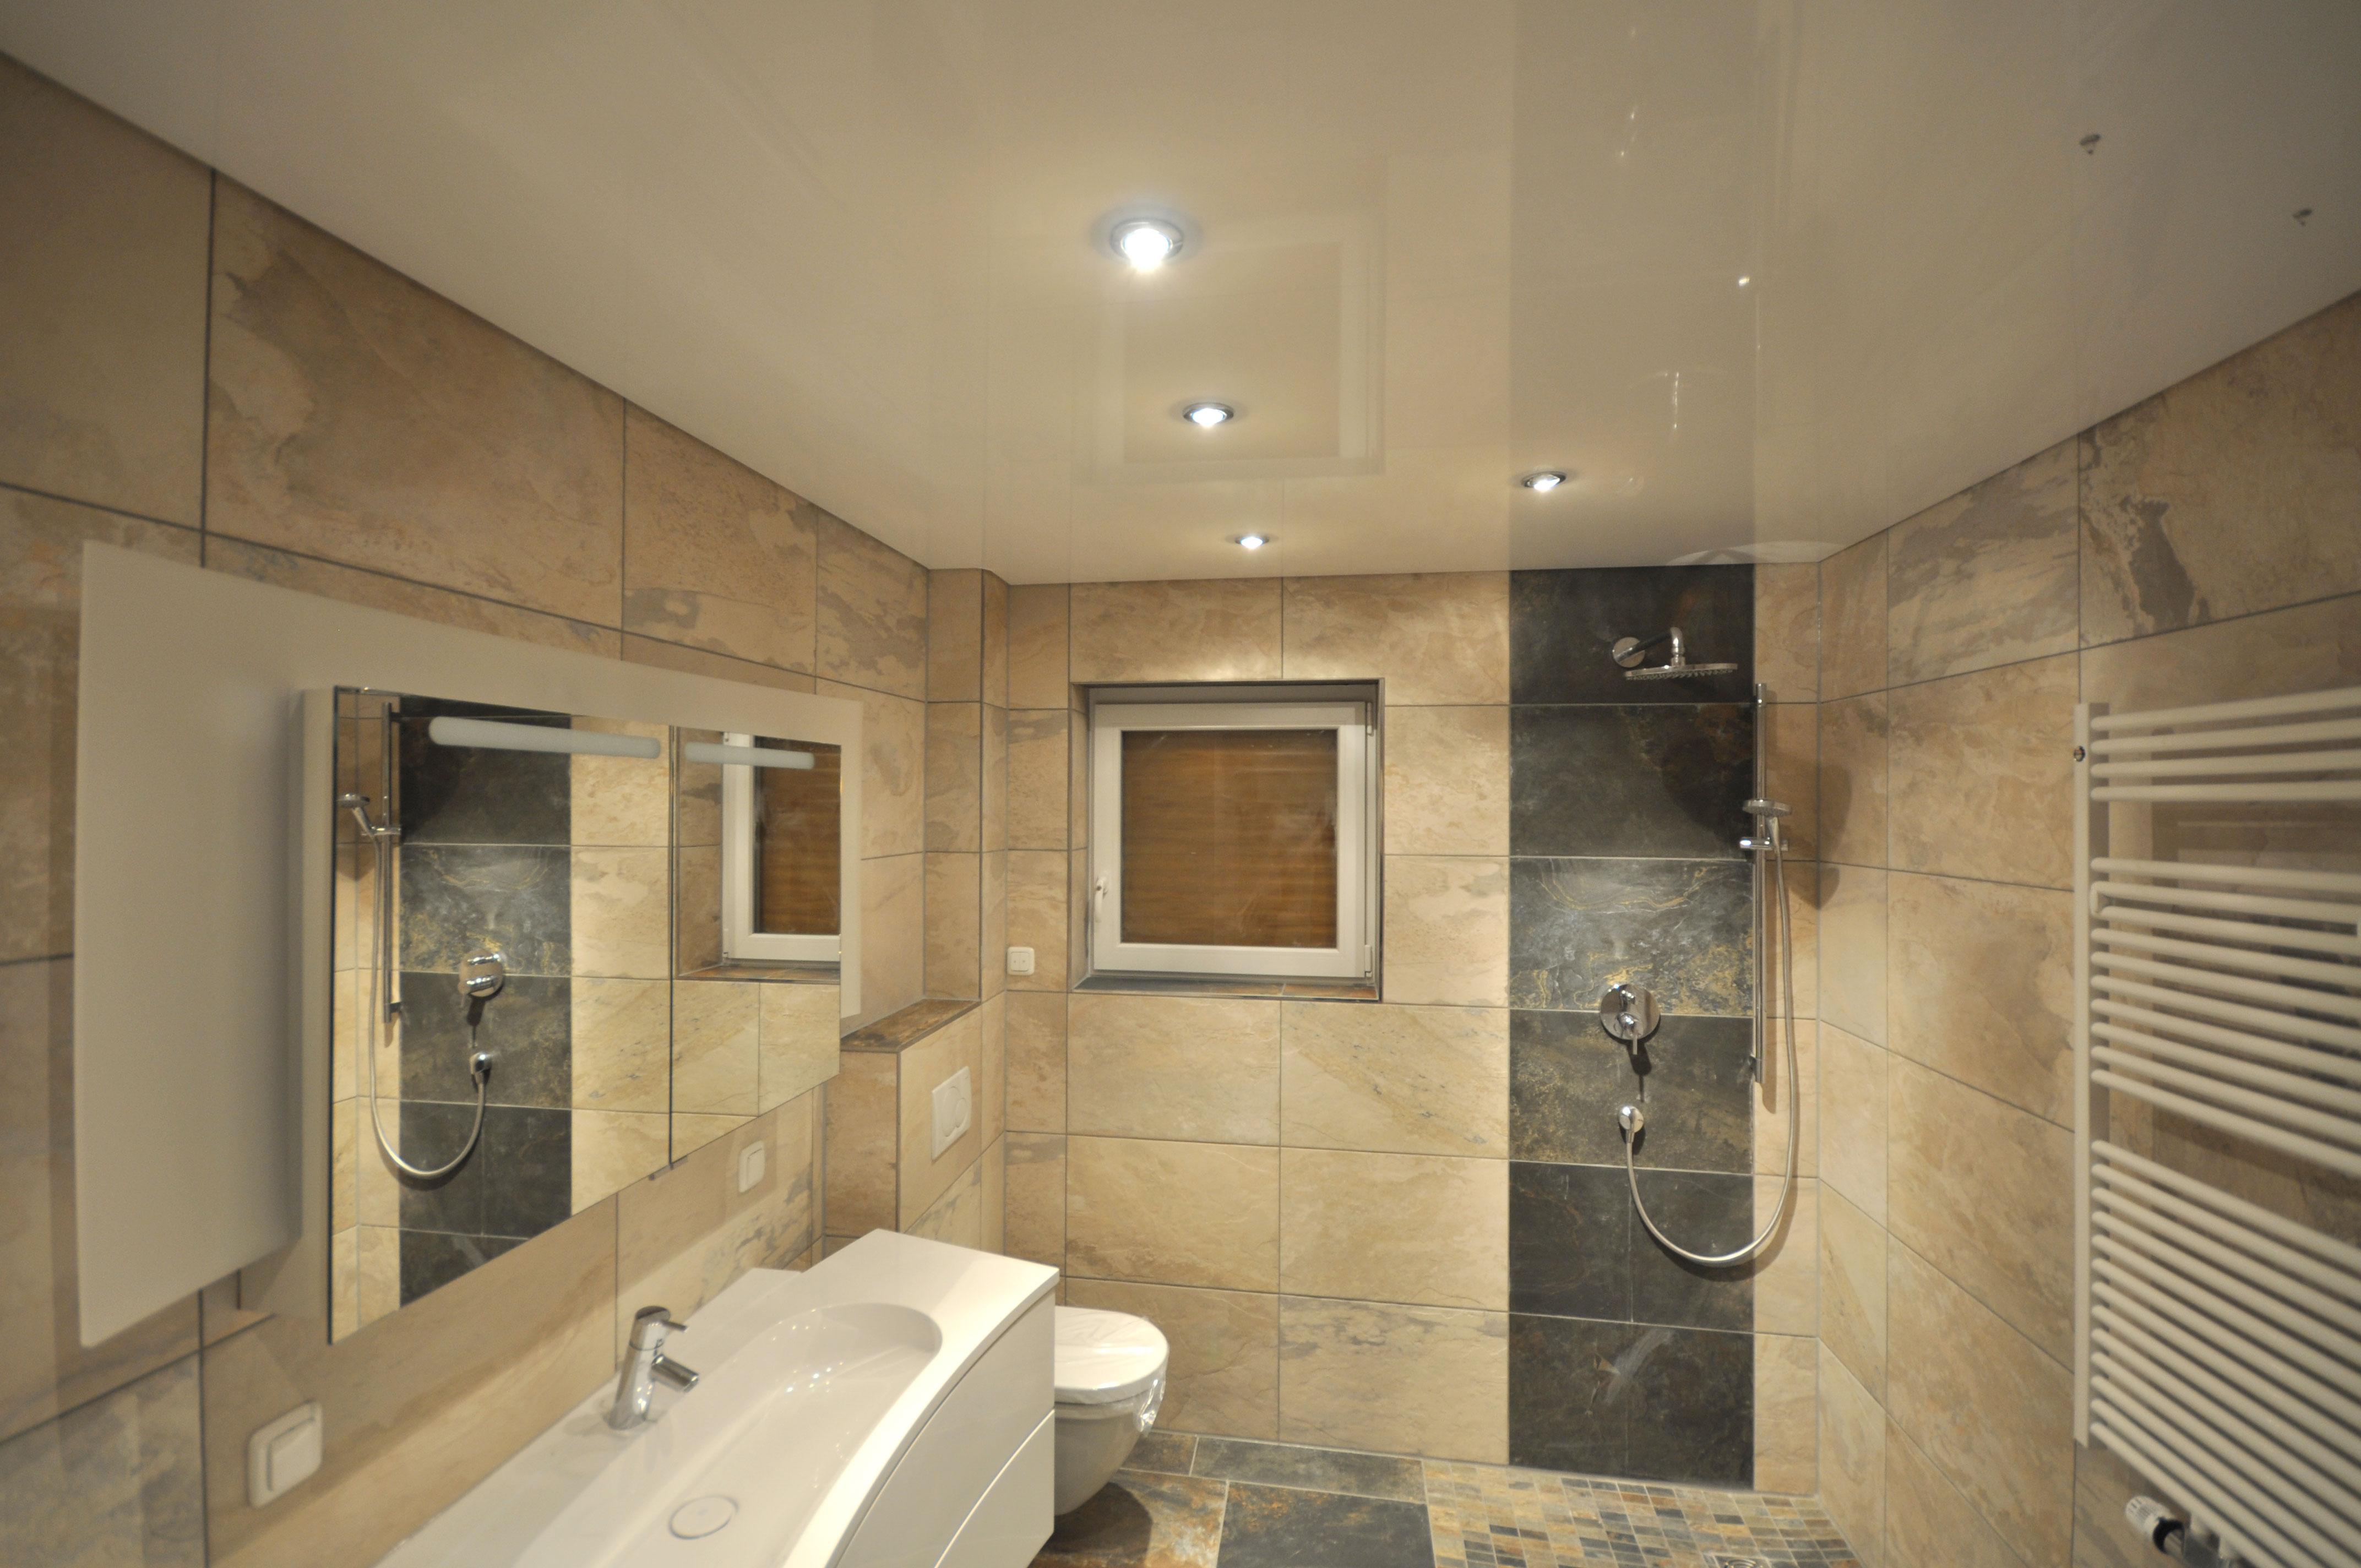 Spanndecken im Badezimmer | Spanndecken Duesseldorf Dortmund